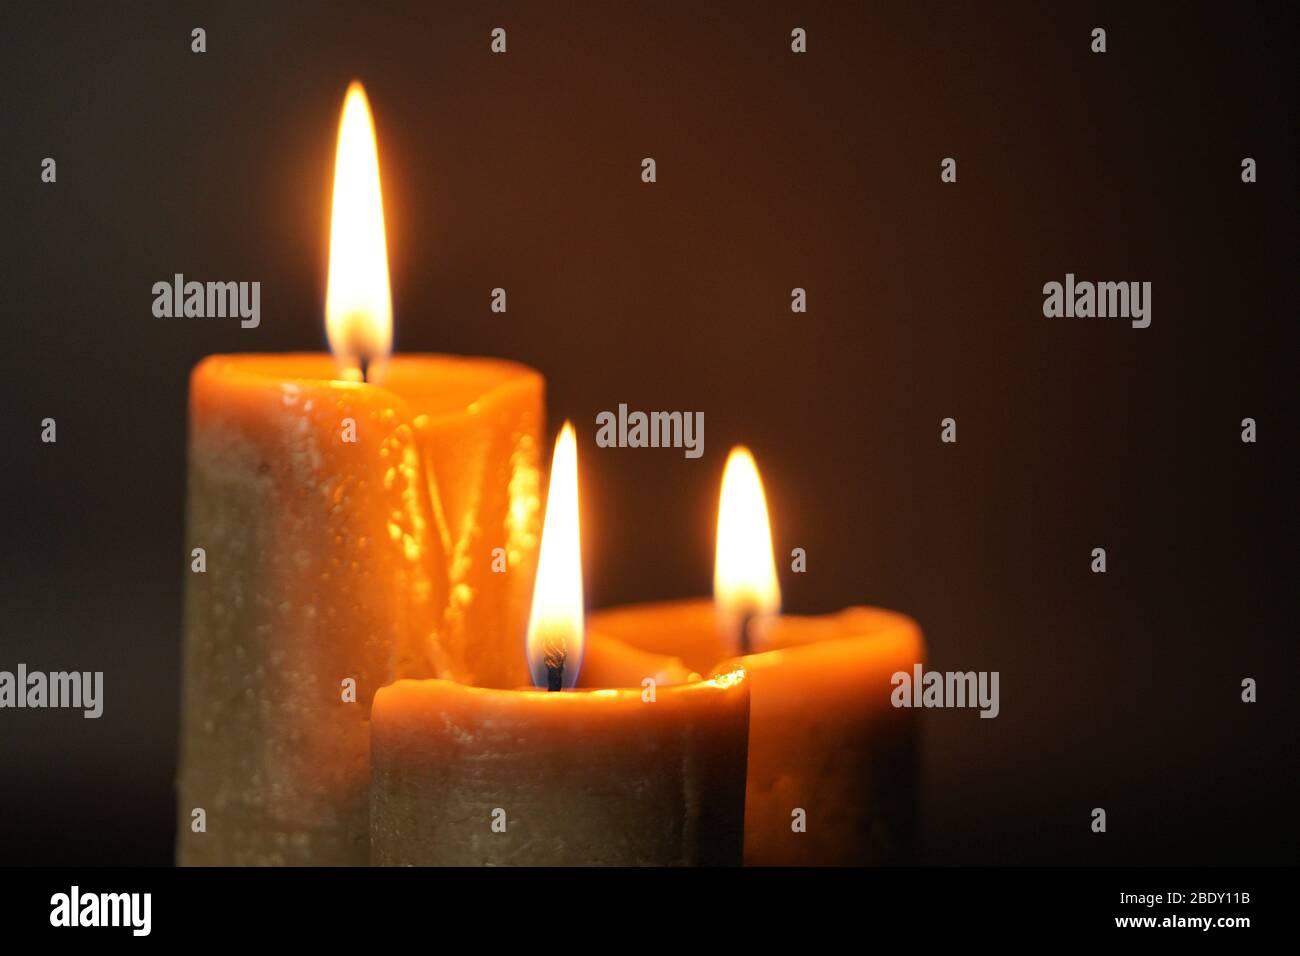 Grupo de tres velas marrones encendidas sobre un fondo negro de primer plano. Concepto de confort, romance, místico, ocultismo, religión, un símbolo de memory.Copy Foto de stock